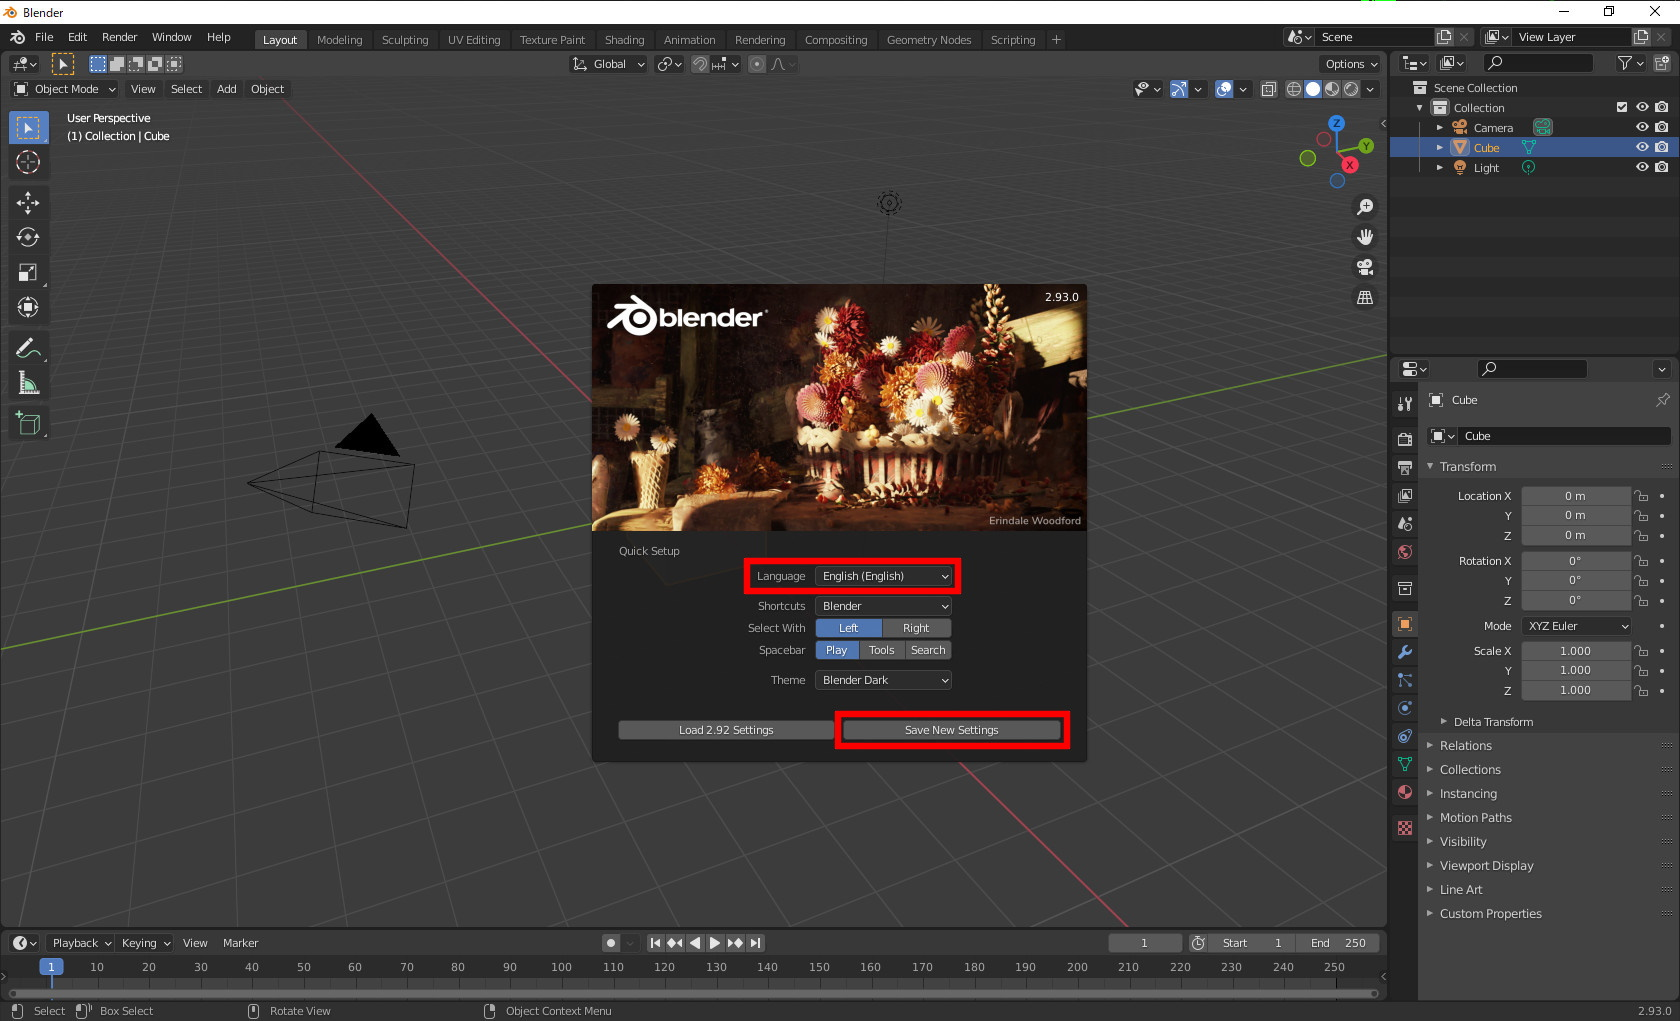 Blenderの最初の起動画面とスプラッシュ